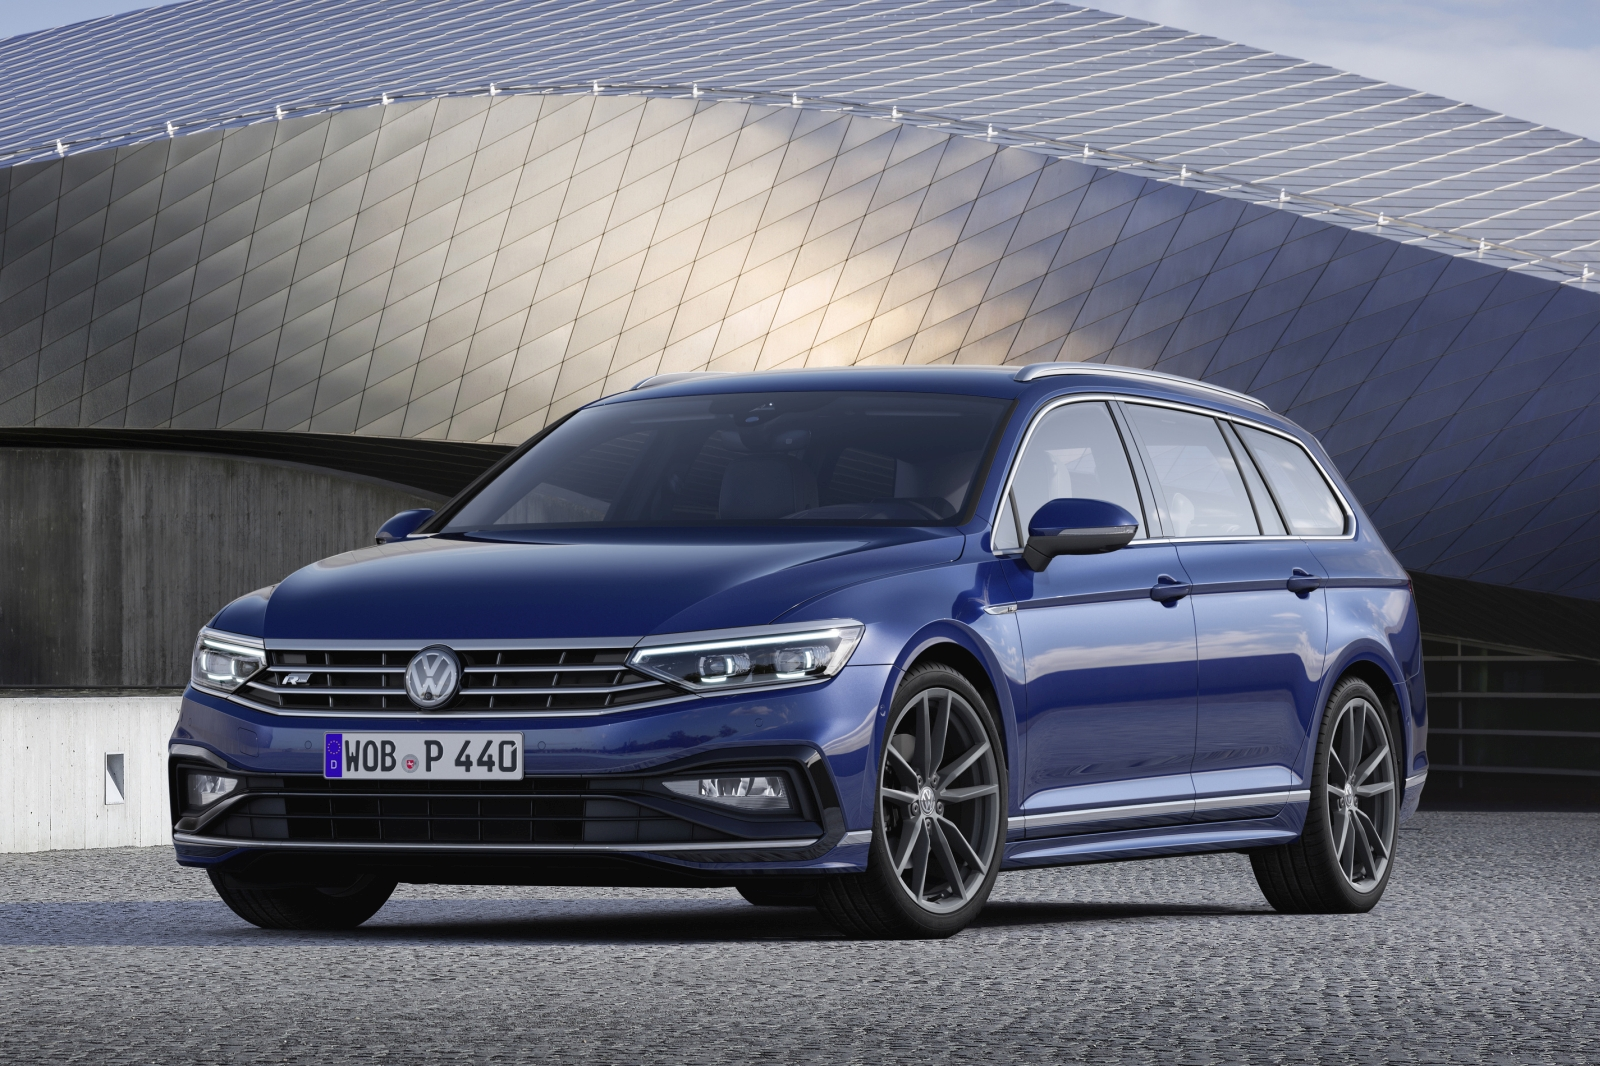 2019 Volkswagen Passat